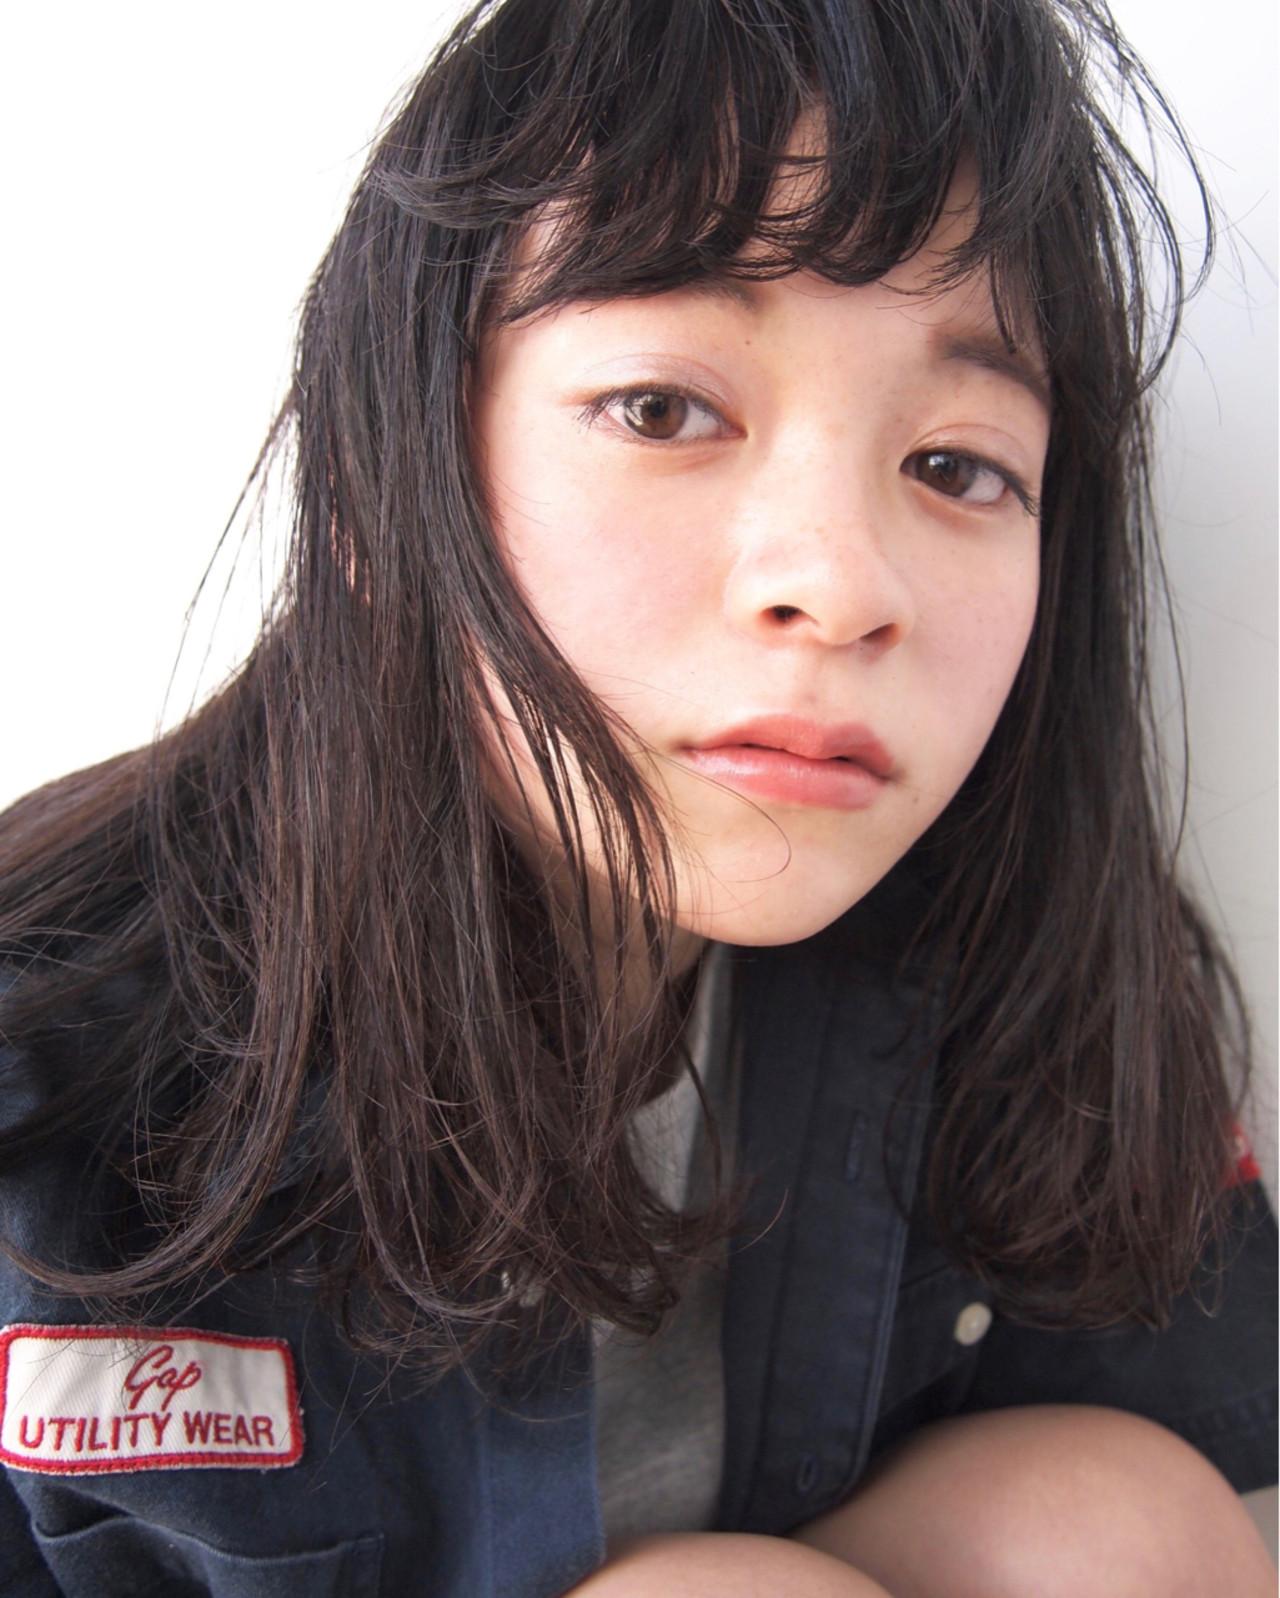 ウェーブ 黒髪 くせ毛風 アンニュイ ヘアスタイルや髪型の写真・画像